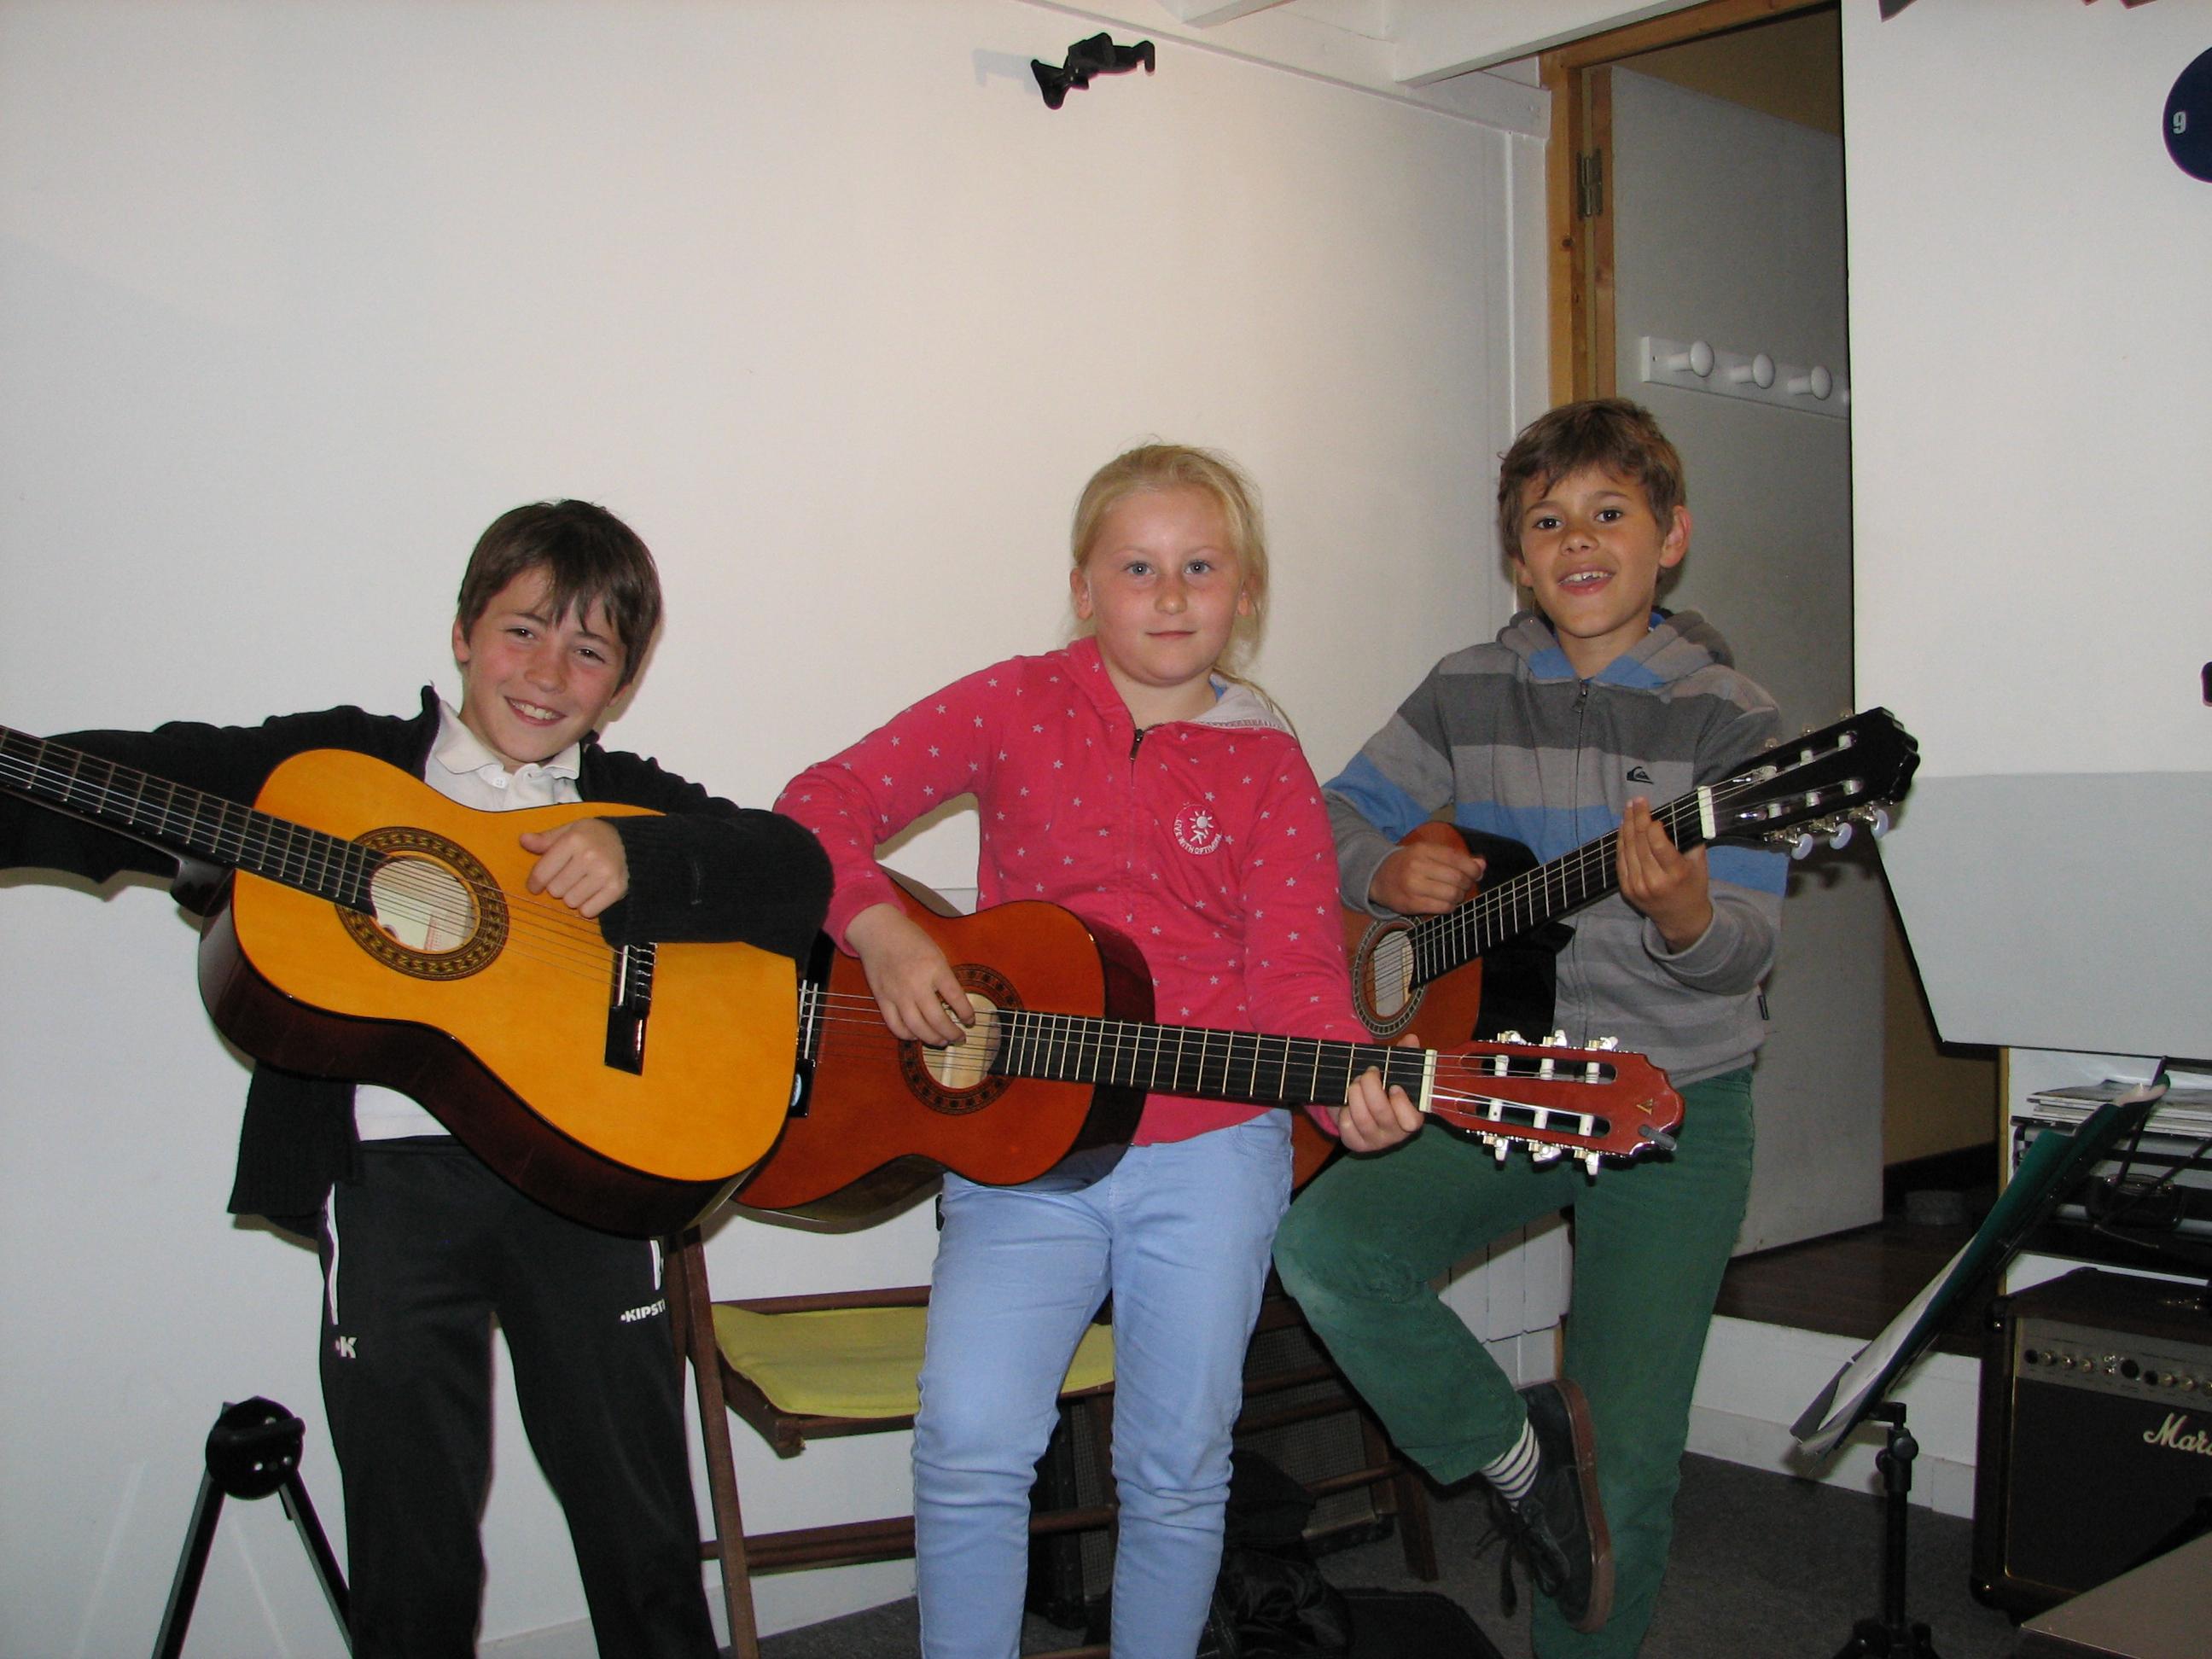 Amaël, Isaure et Baptiste.